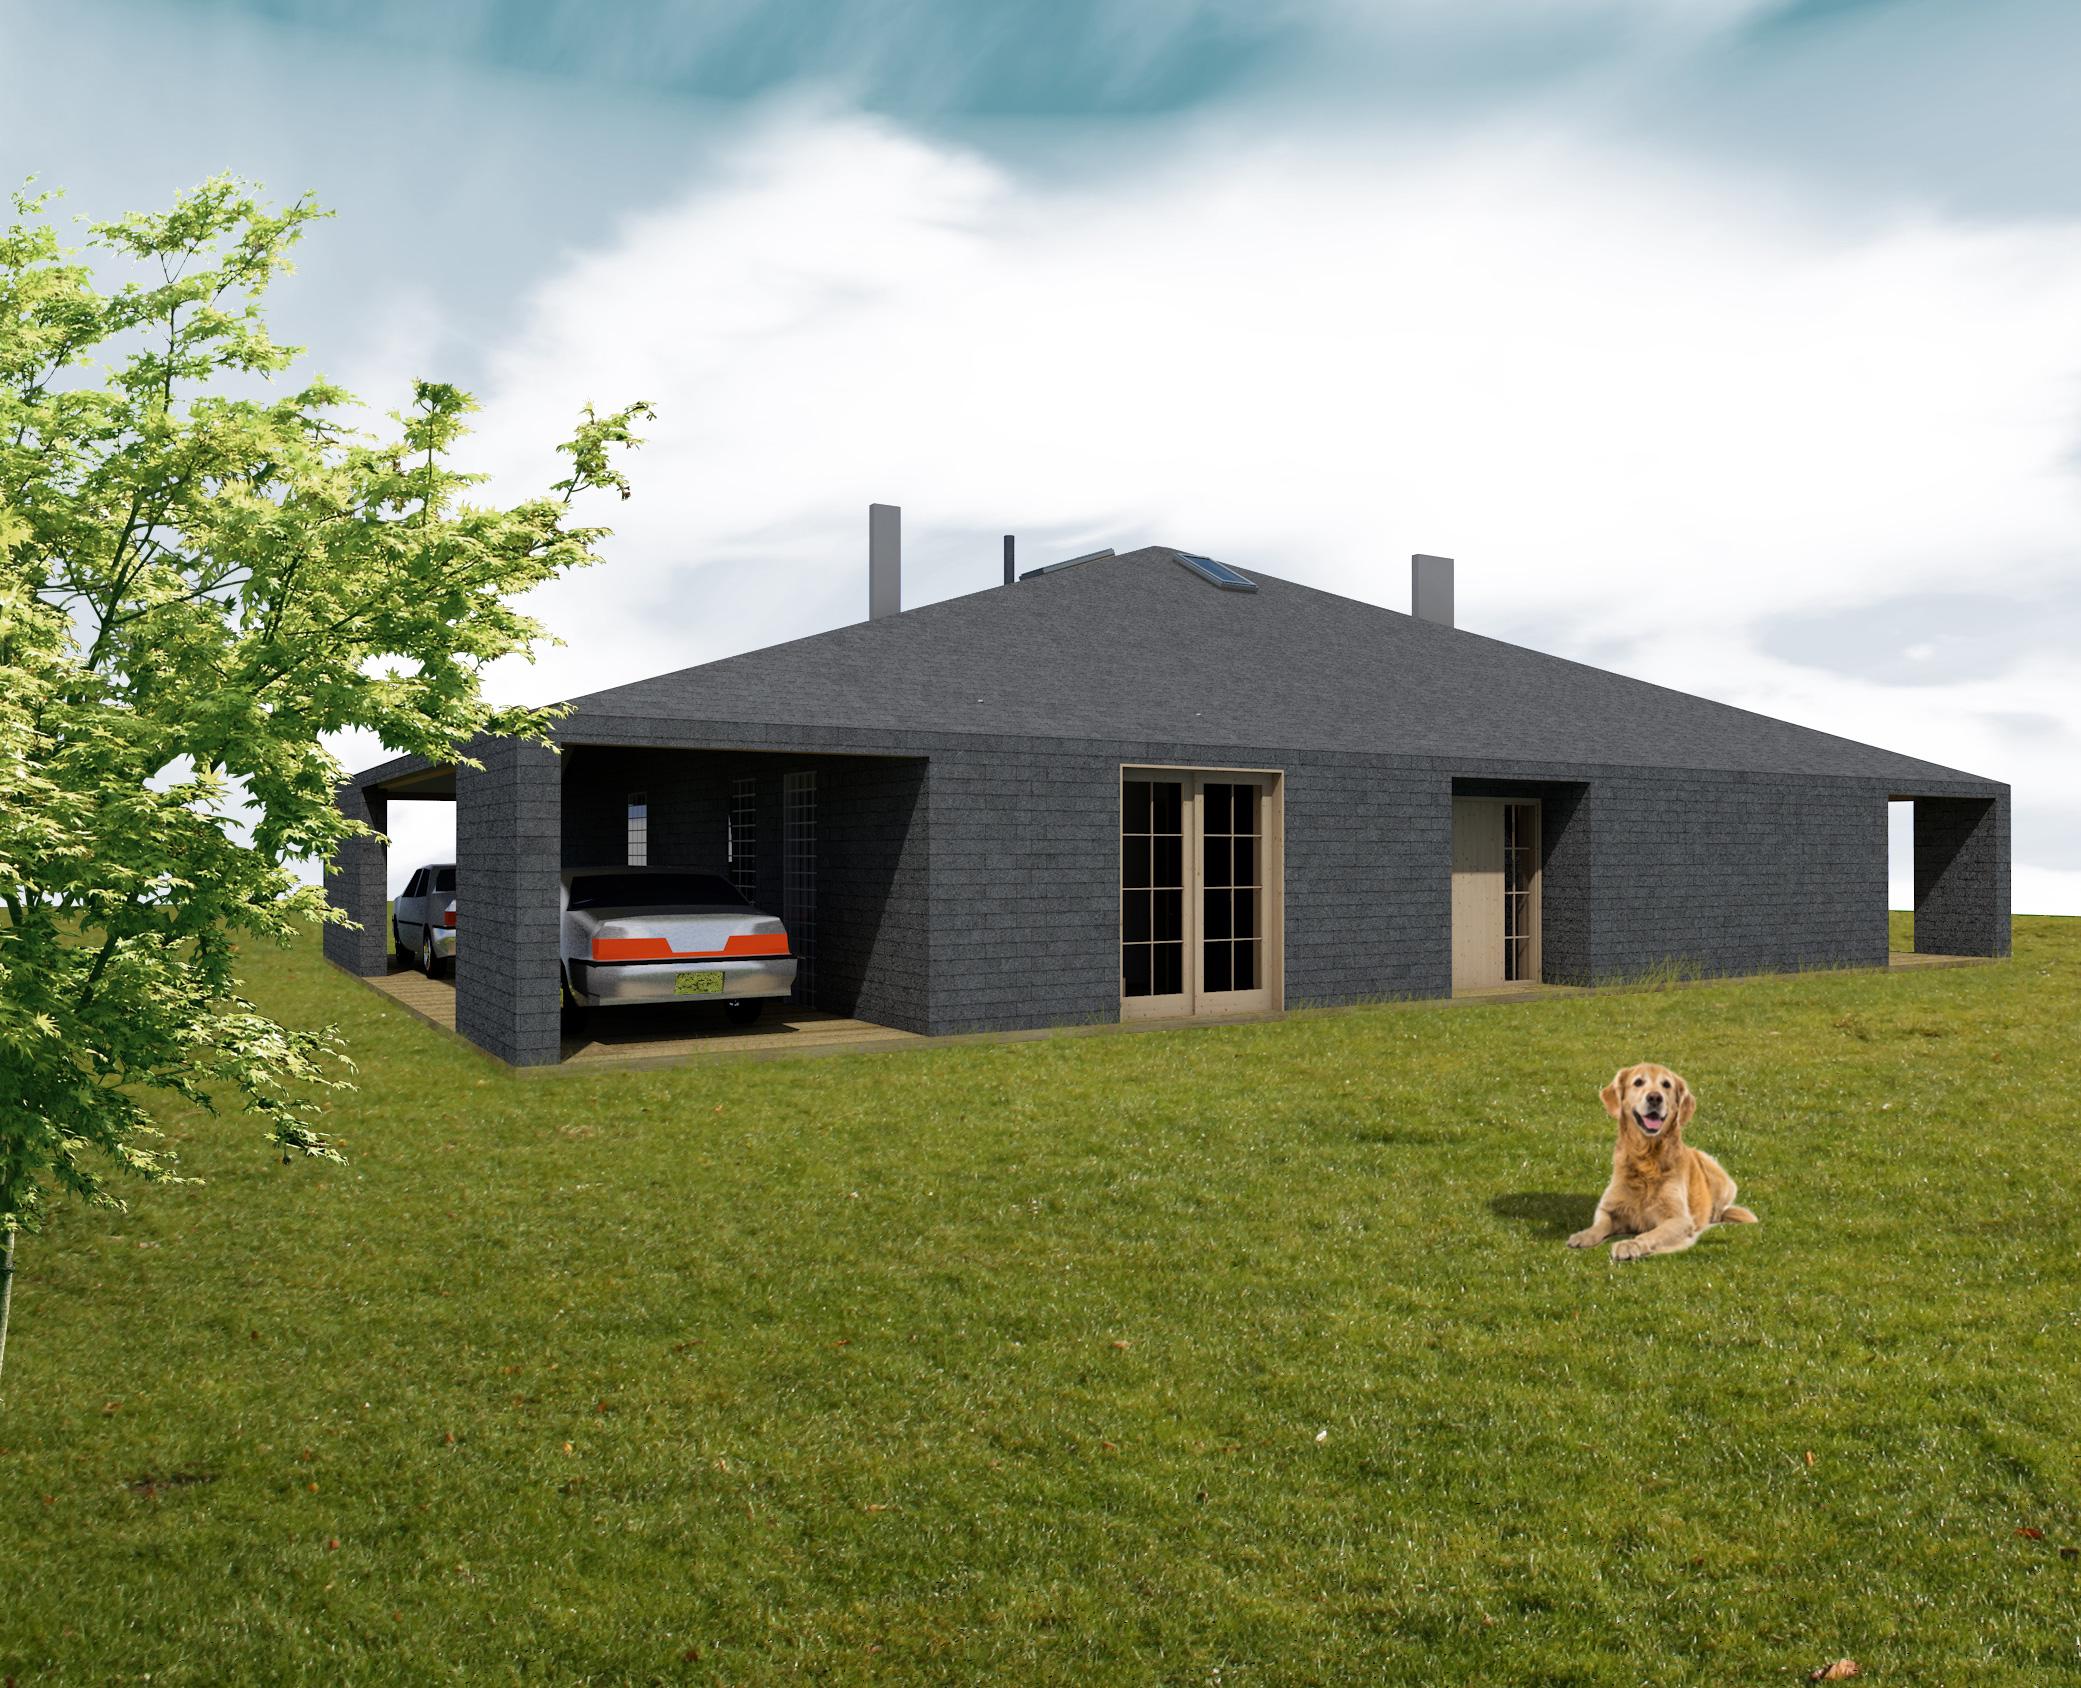 dom prosty, elewacja, projekty budowlane